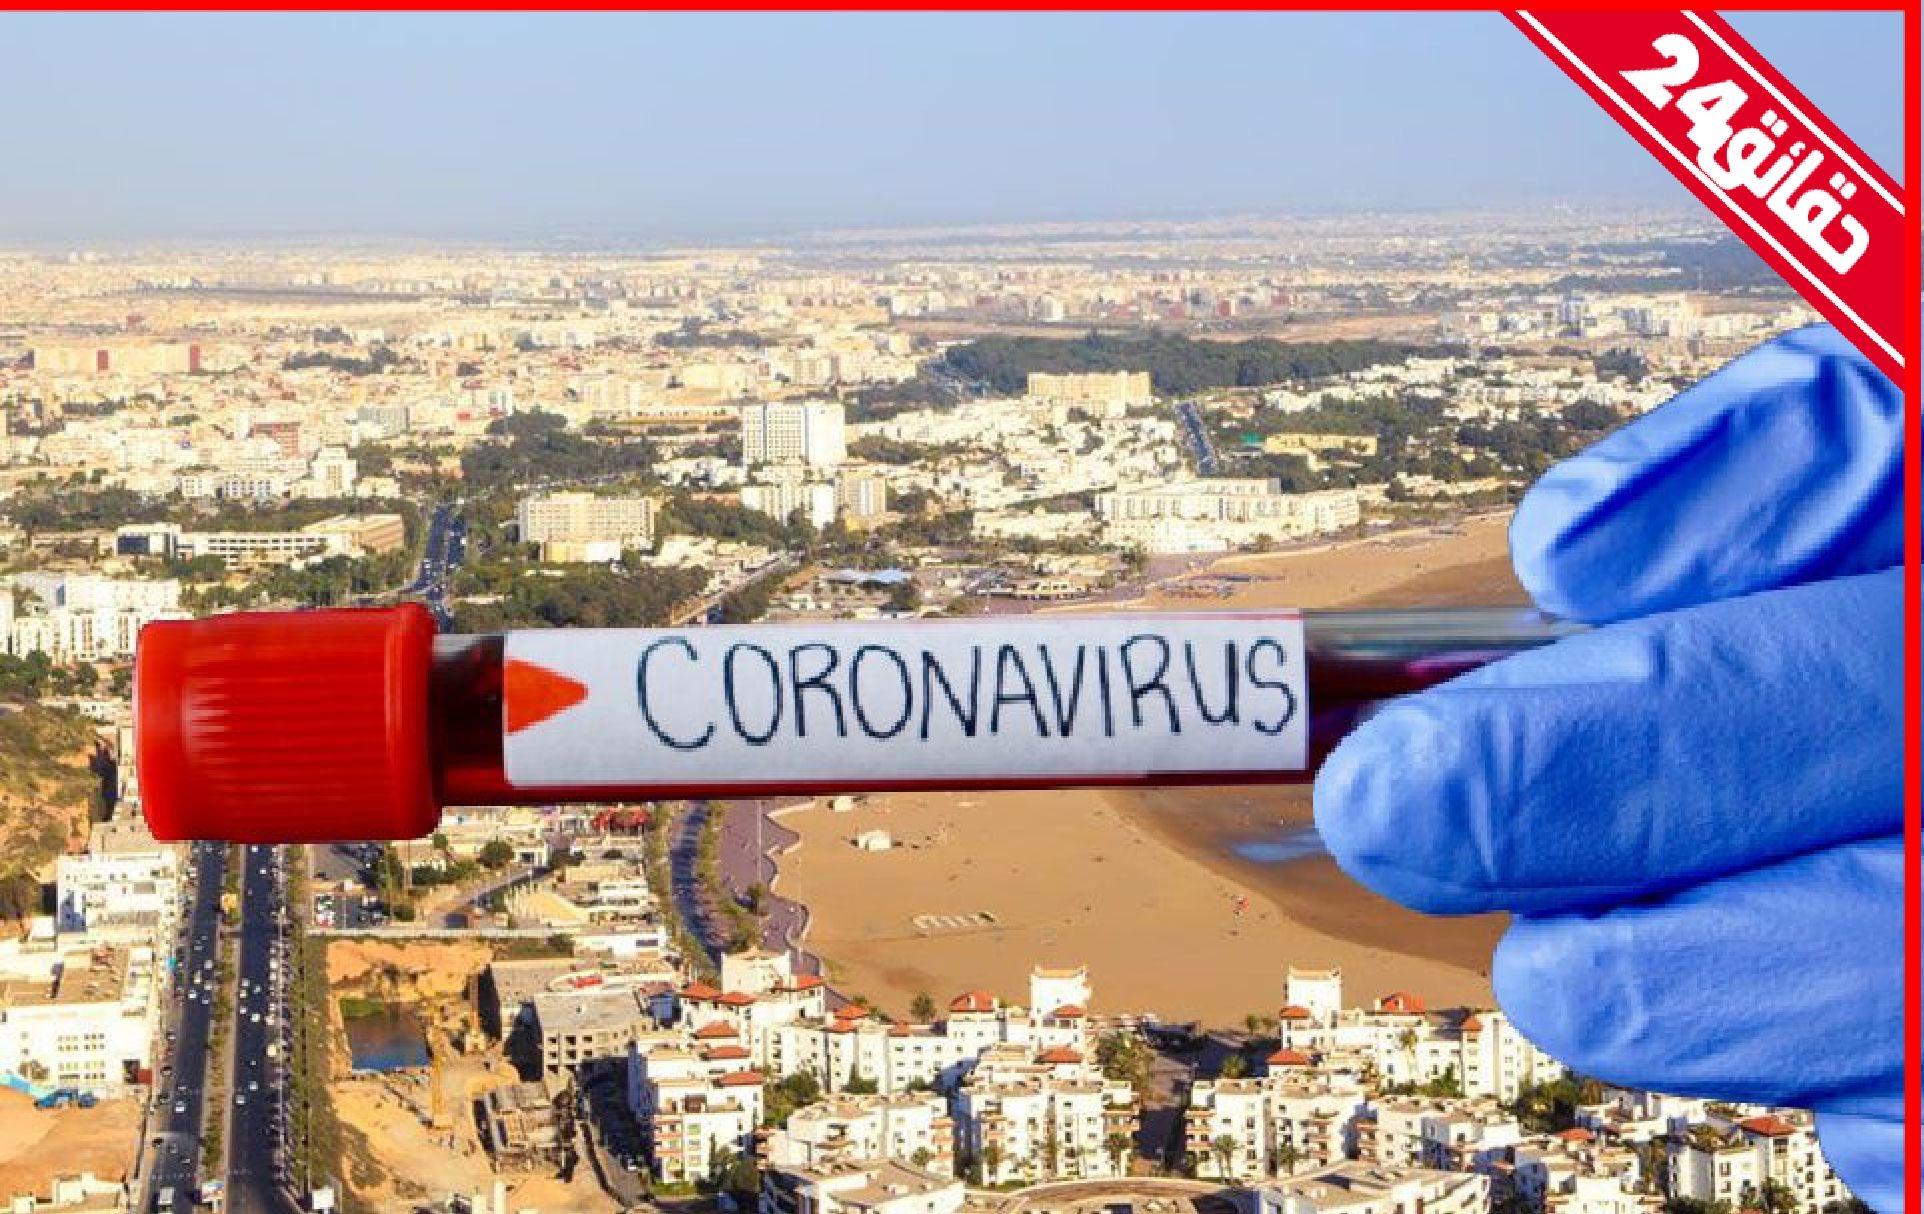 صورة جهة سوس -ماسة تُسجّل 41 إصابة جديدة بكورونا وهذا توزيعها